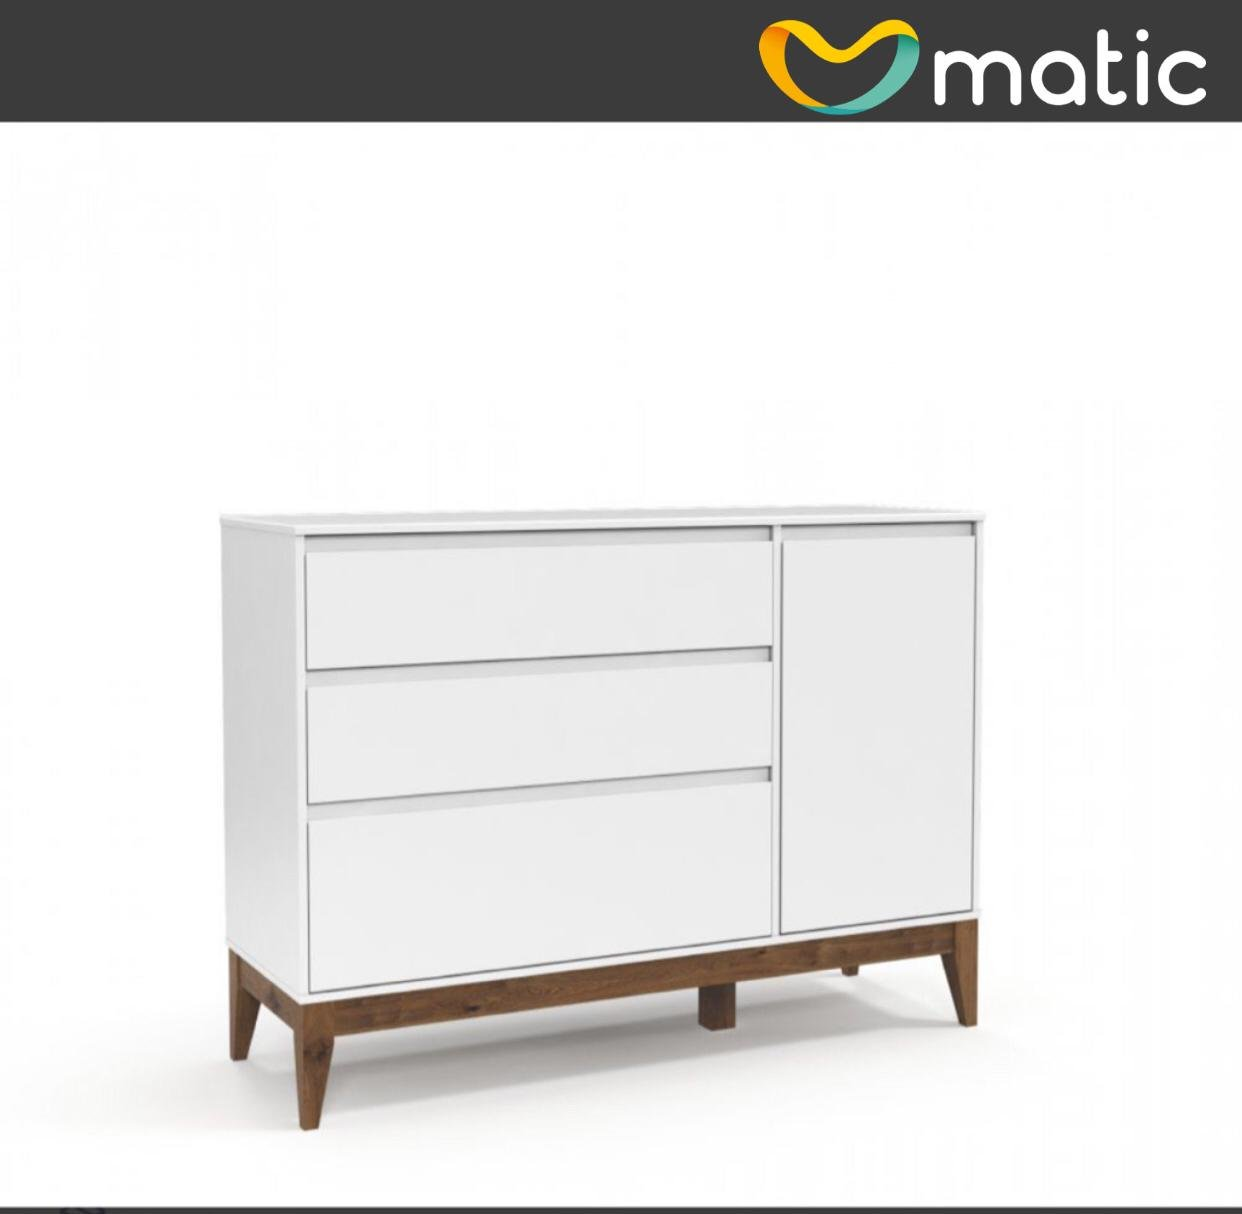 Cômoda Nature Clean com Porta Branco Soft com Eco Wood - Matic Móveis